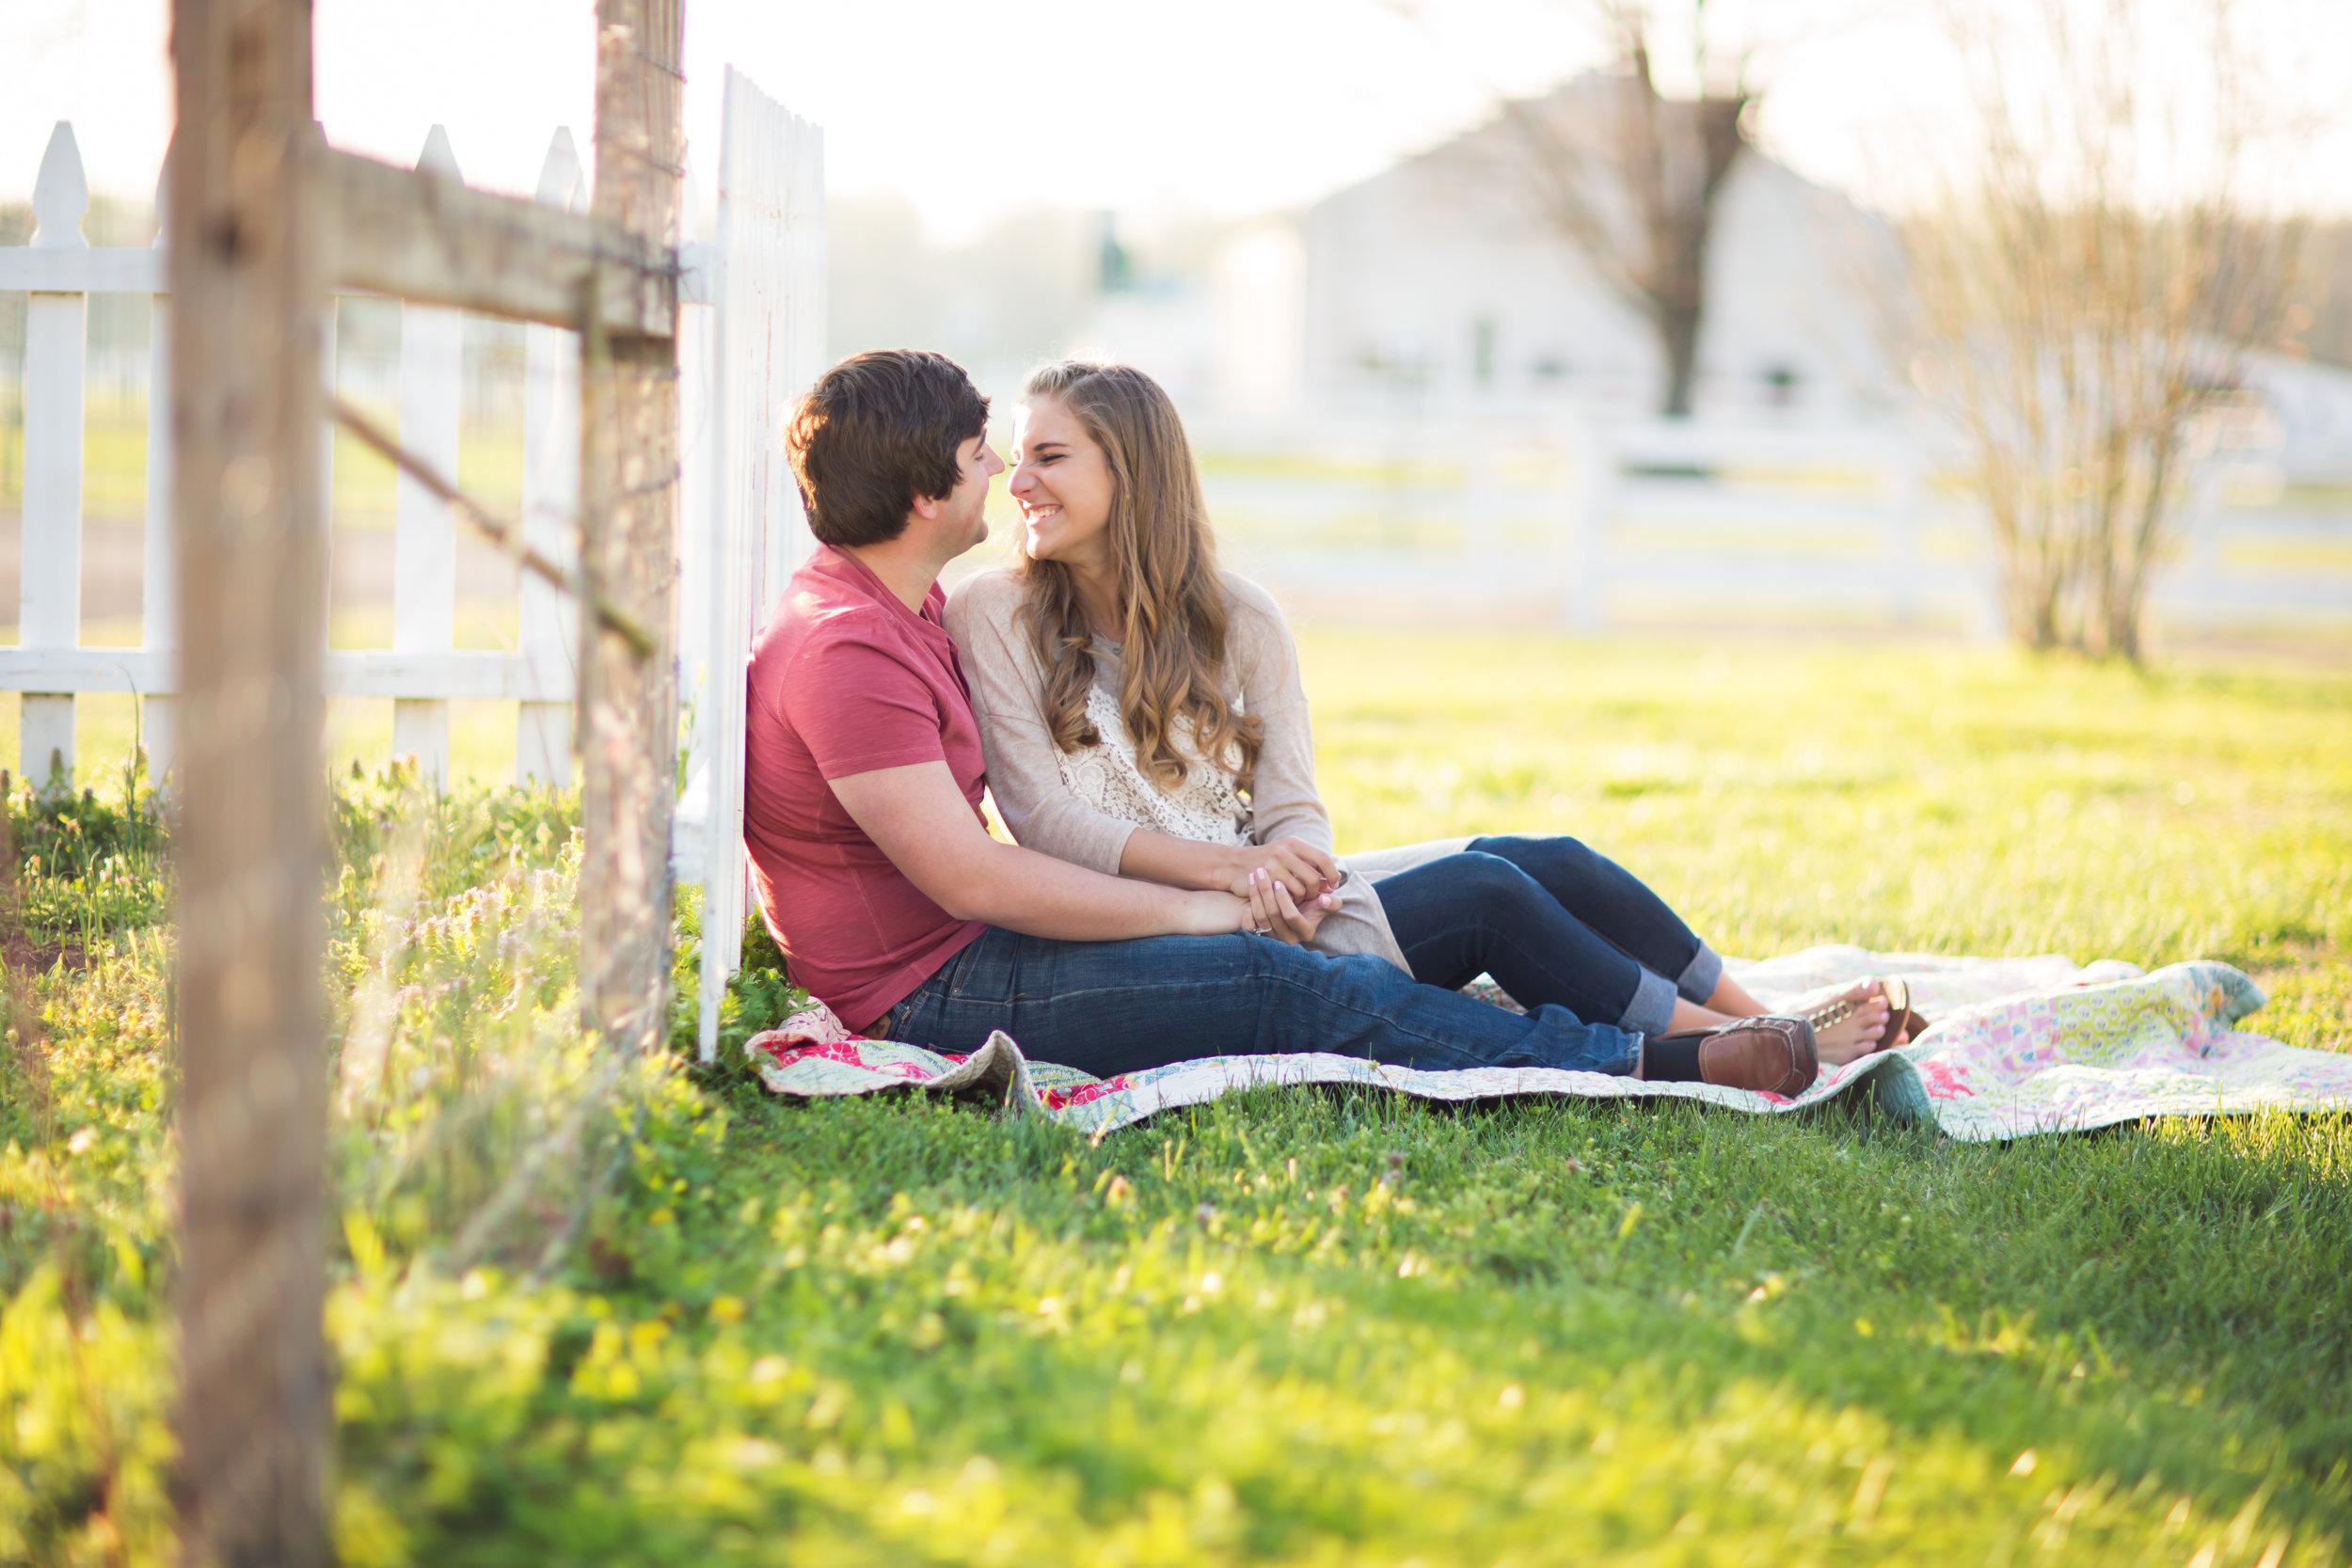 031_Zach+Emma_Engagement.jpg